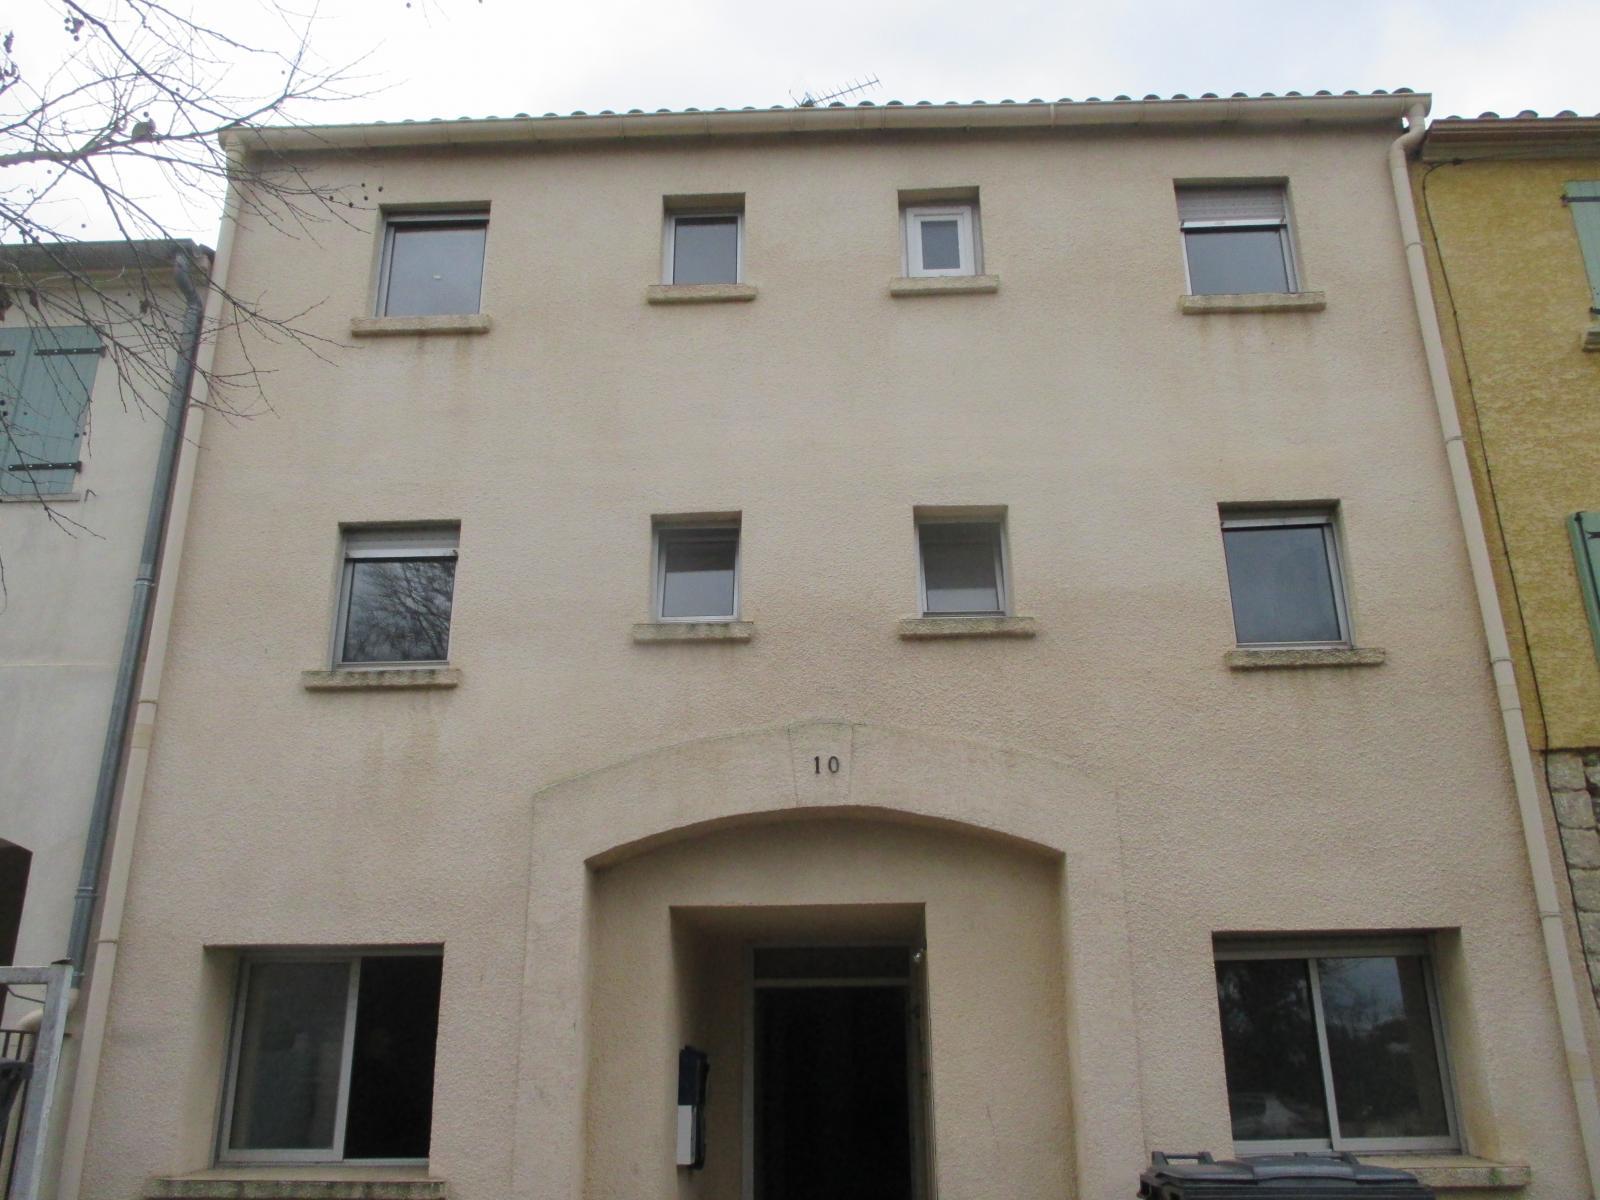 annonce vente appartement montferrier sur lez 34980 42 m 93 000 992738147152. Black Bedroom Furniture Sets. Home Design Ideas